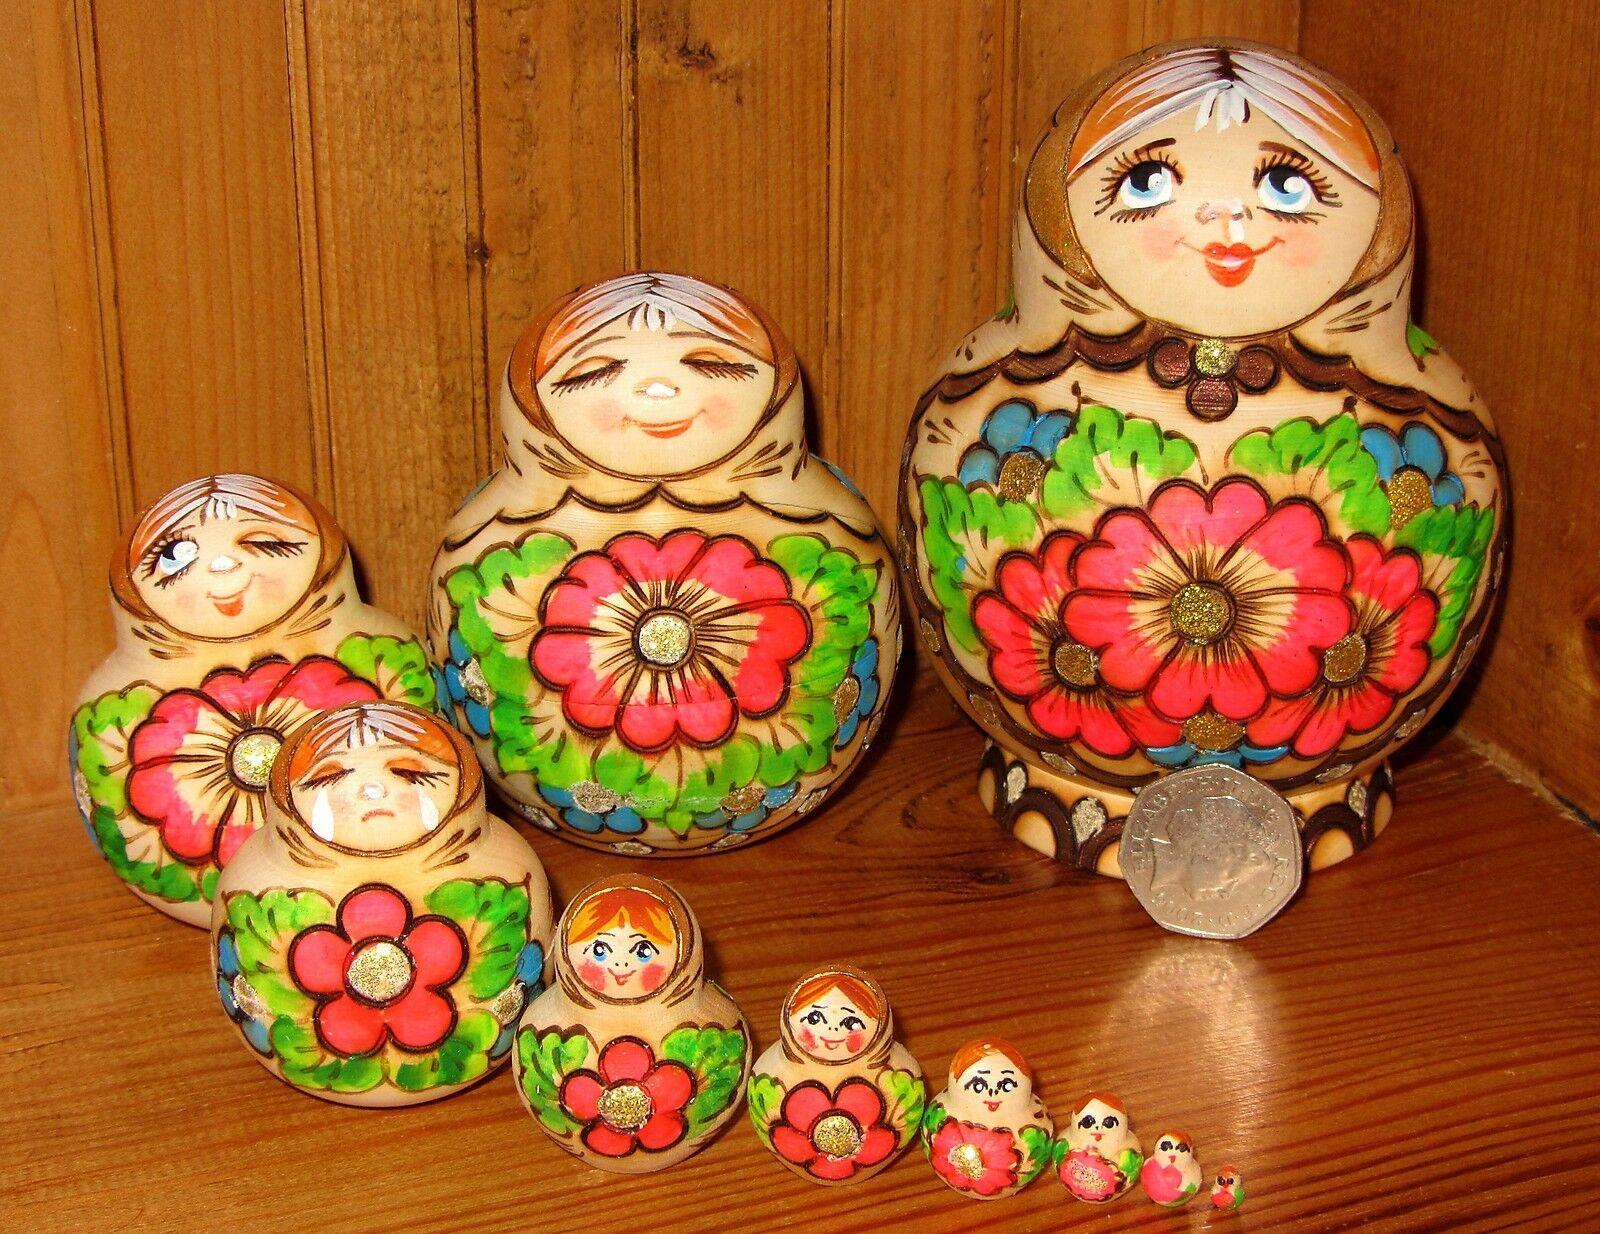 Russische Matroschka 10 Verschachtelte Brandmalerei Puppen Mimik Expressions